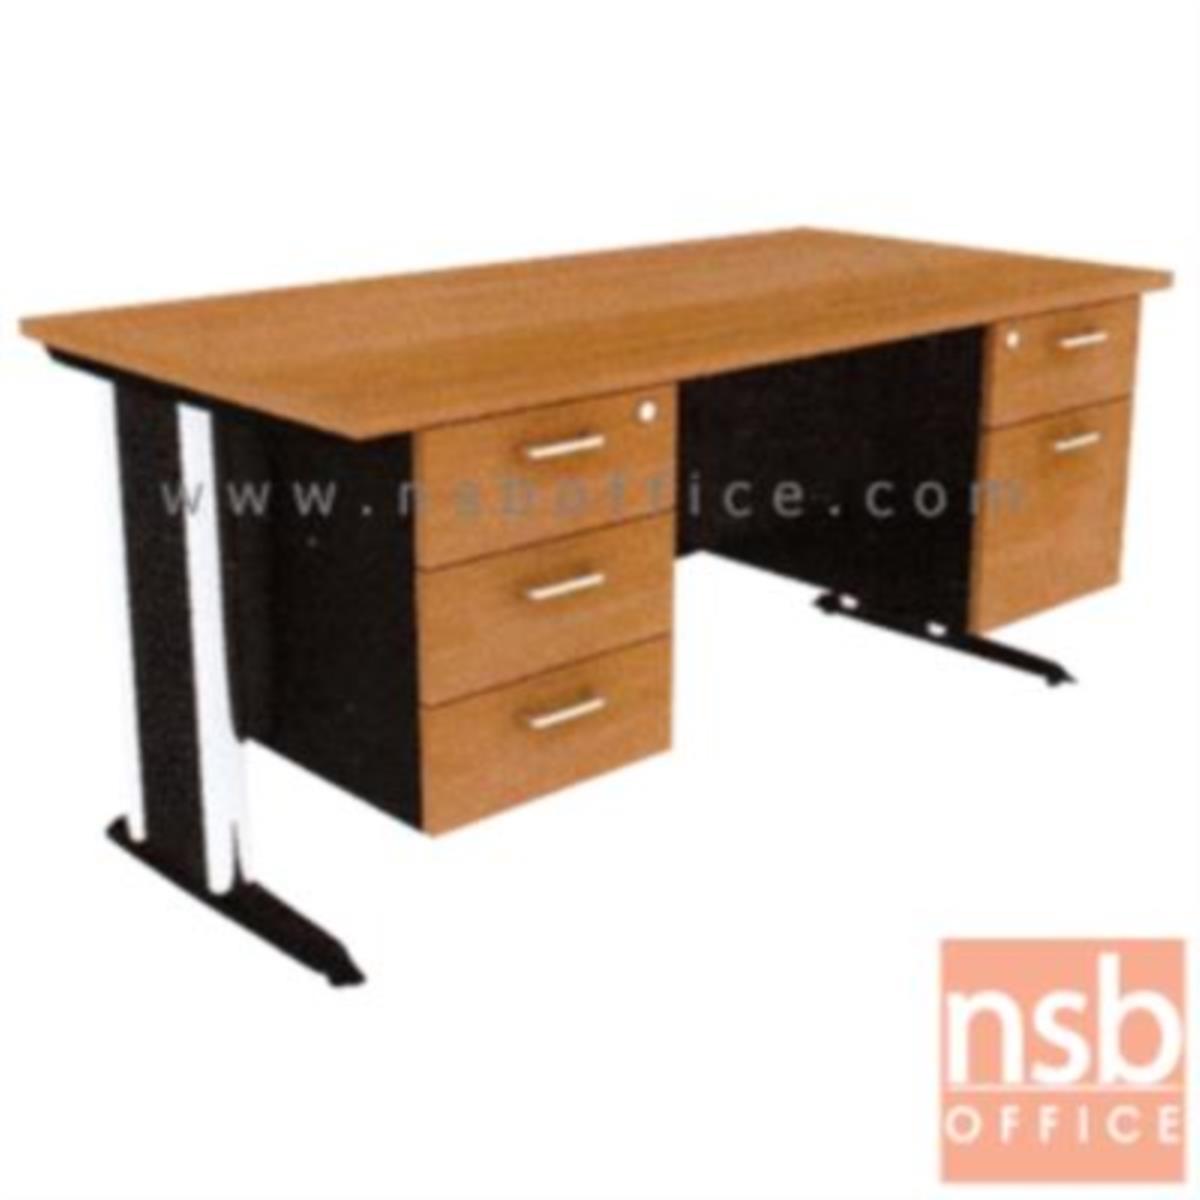 A10A041:โต๊ะทำงาน 5 ลิ้นชักข้าง รุ่น Dempsey (เดมป์ซีย์) ขนาด 150W ,165W ,180W (*60D,75D) cm.  เมลามีน